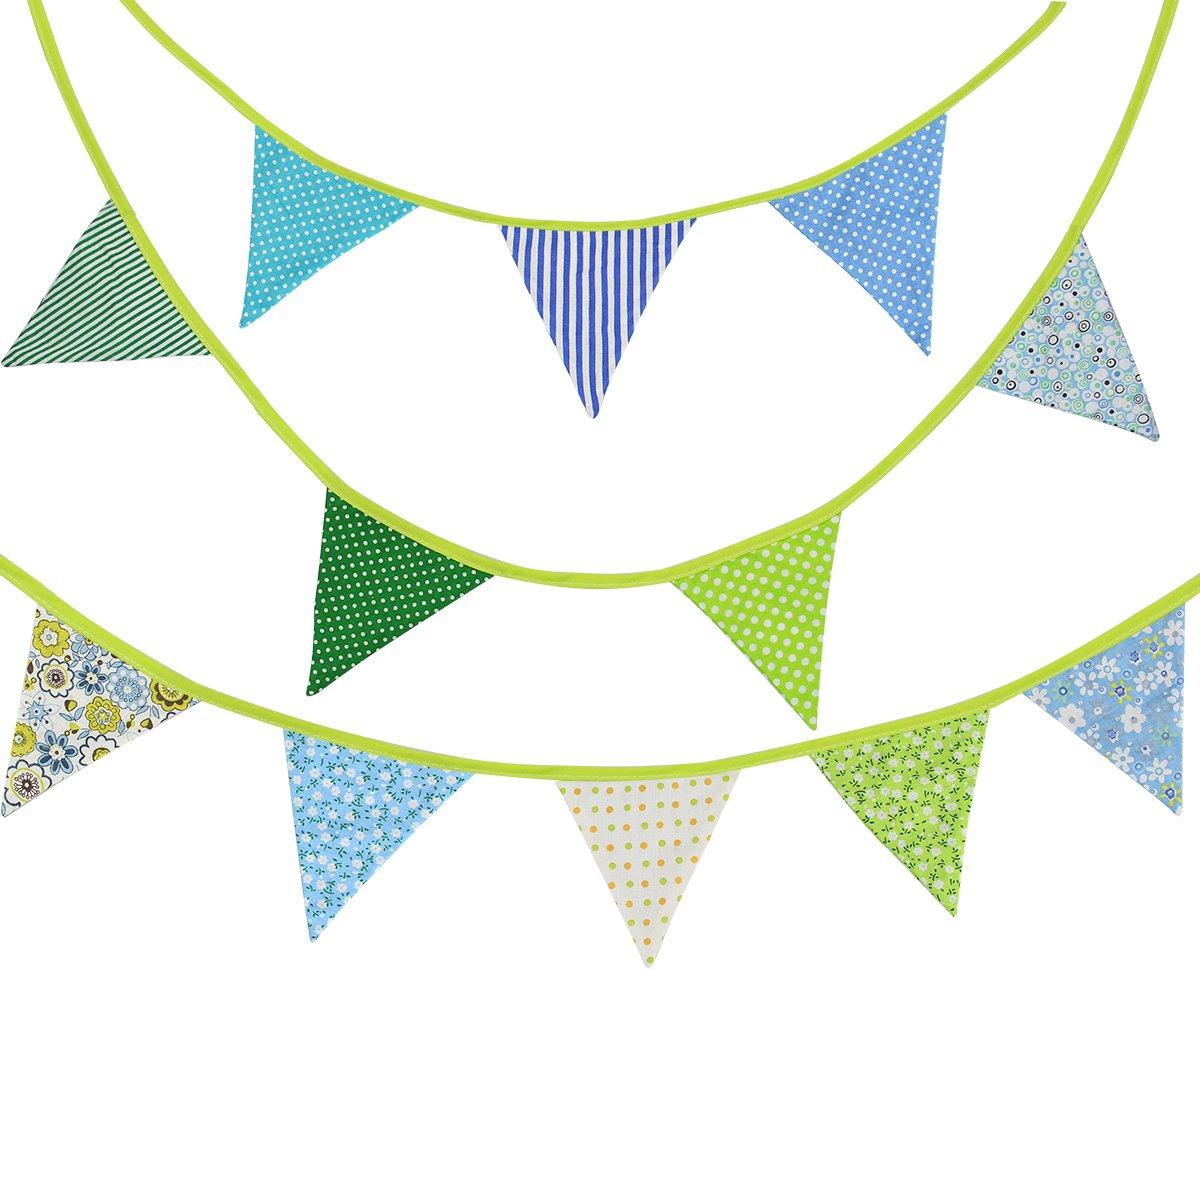 36 Piedi Bandierine Doppie Stoffa Partito Decorazione Esterna,Compleanno Multicolore Gagliardetto Ghirlanda da Decorazione con triangolari Bandiere Partito(10M)